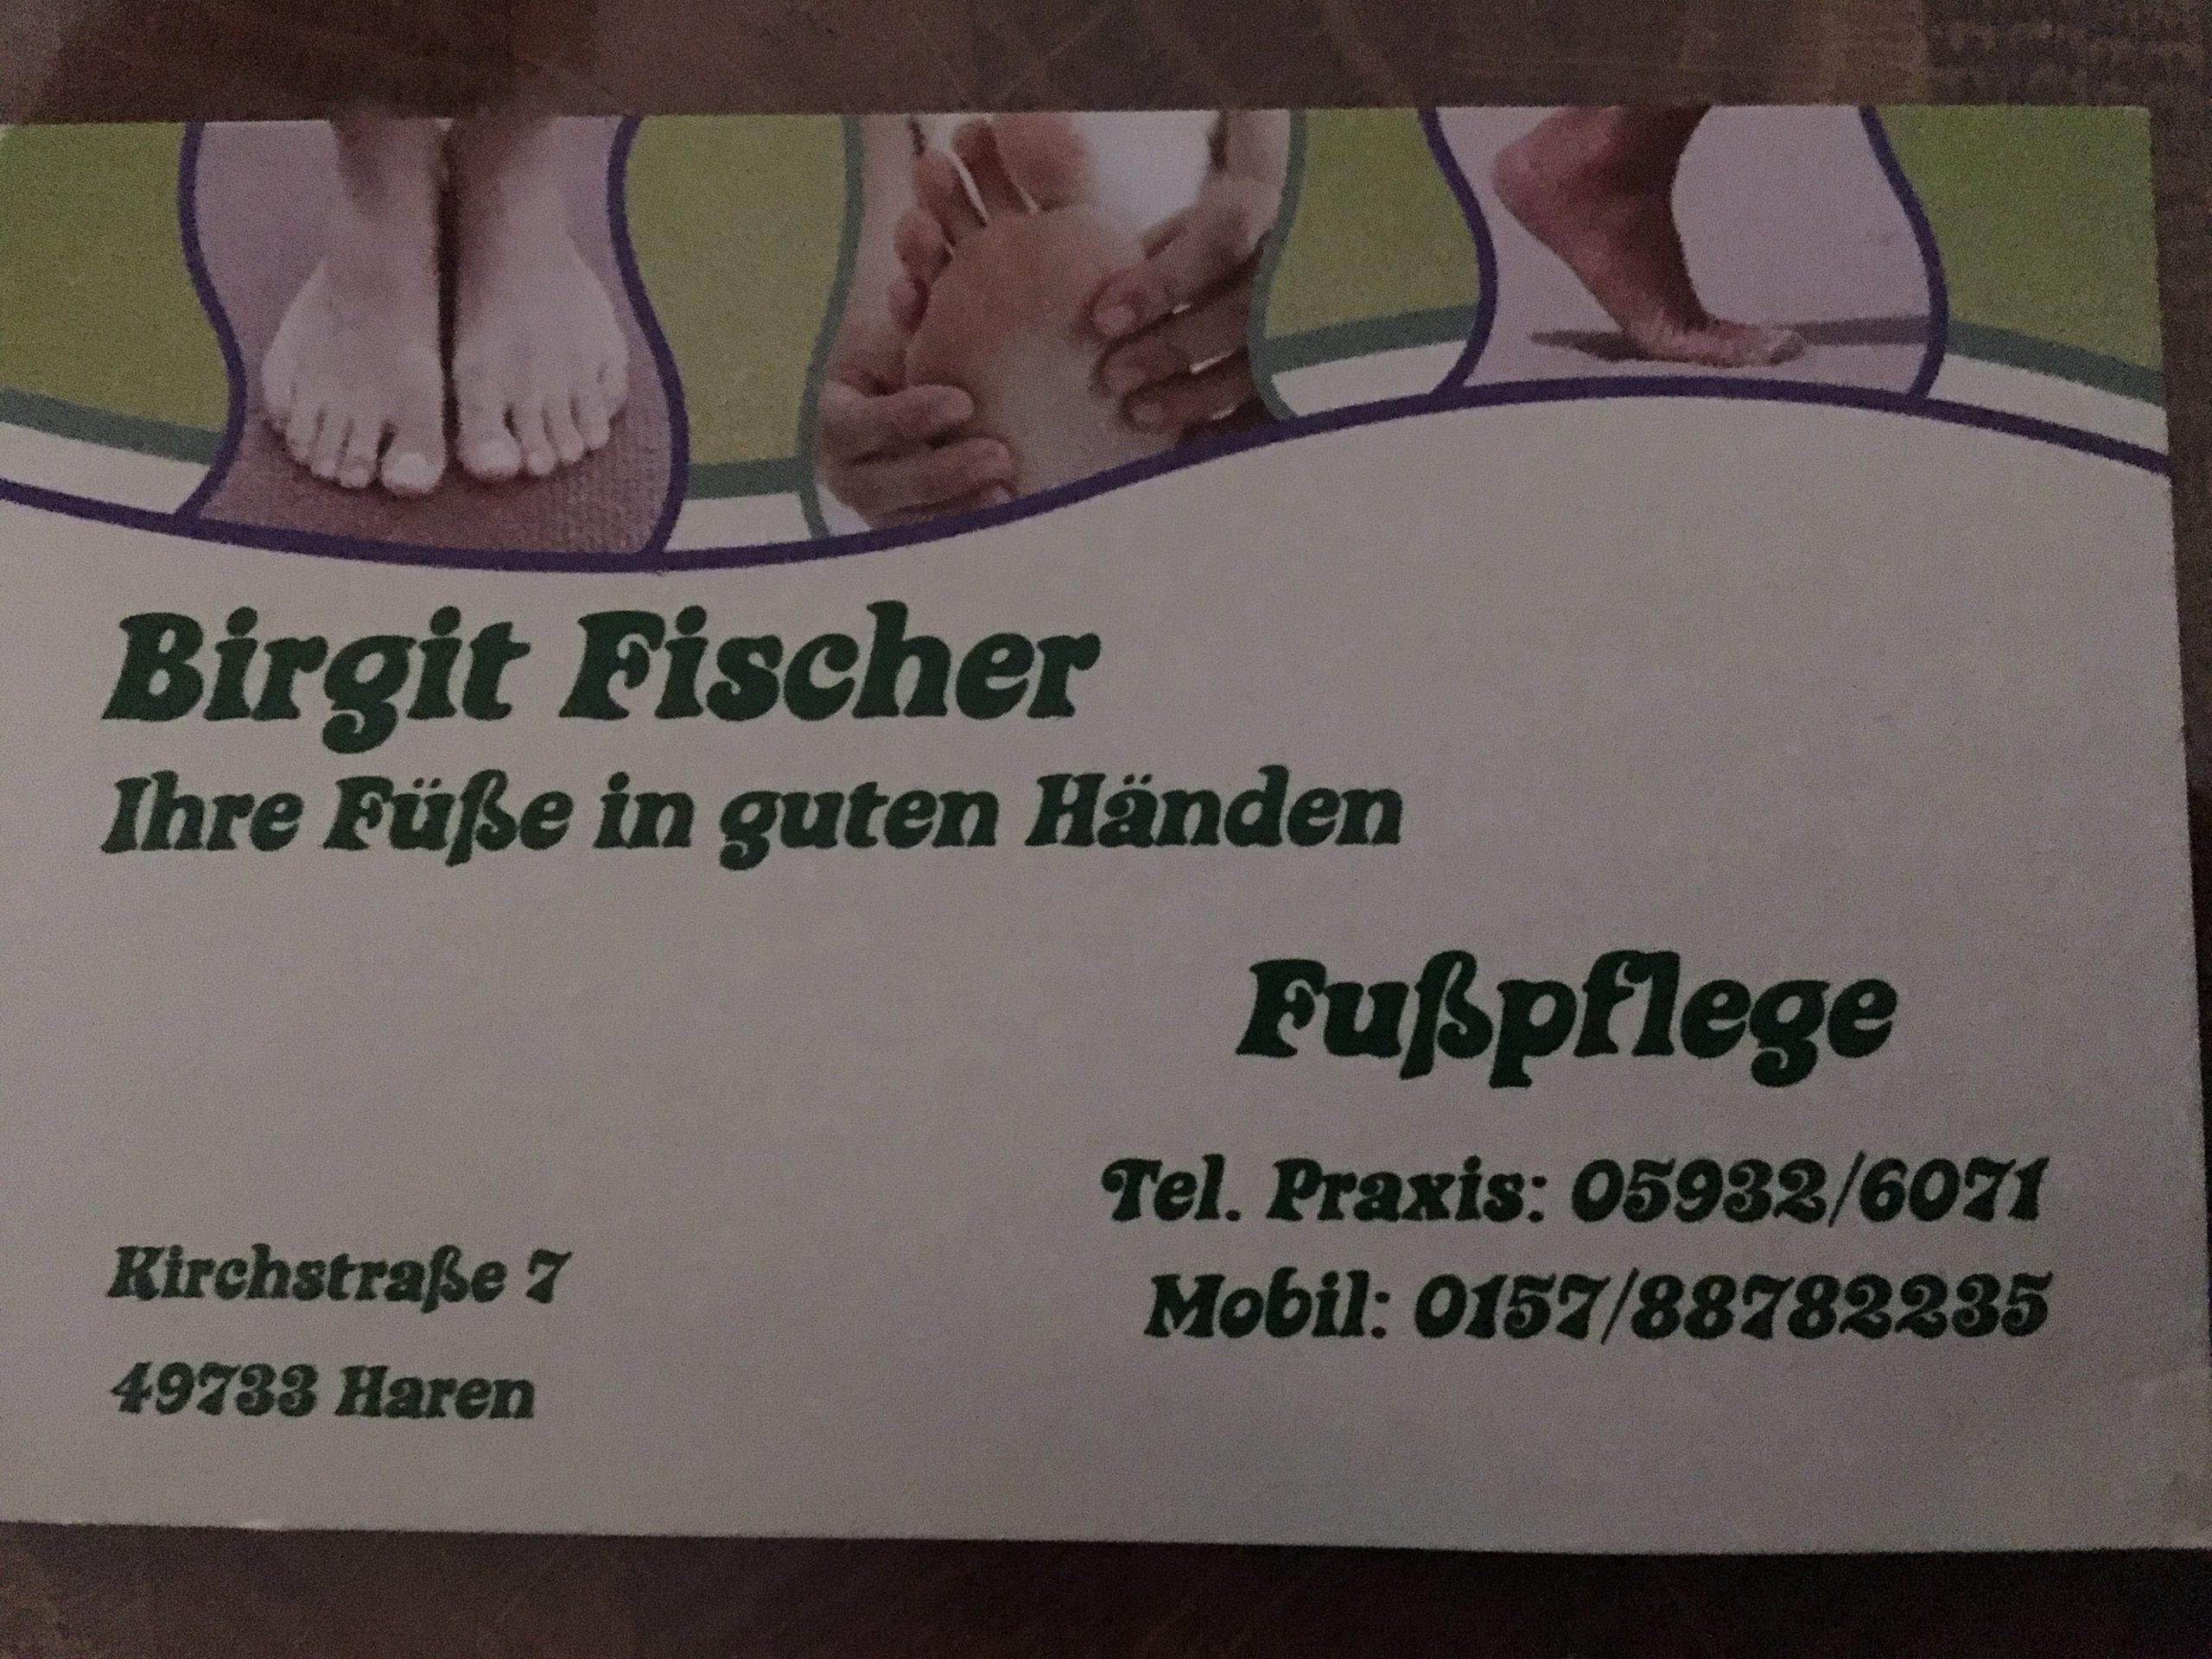 Fußpflege Gutschein